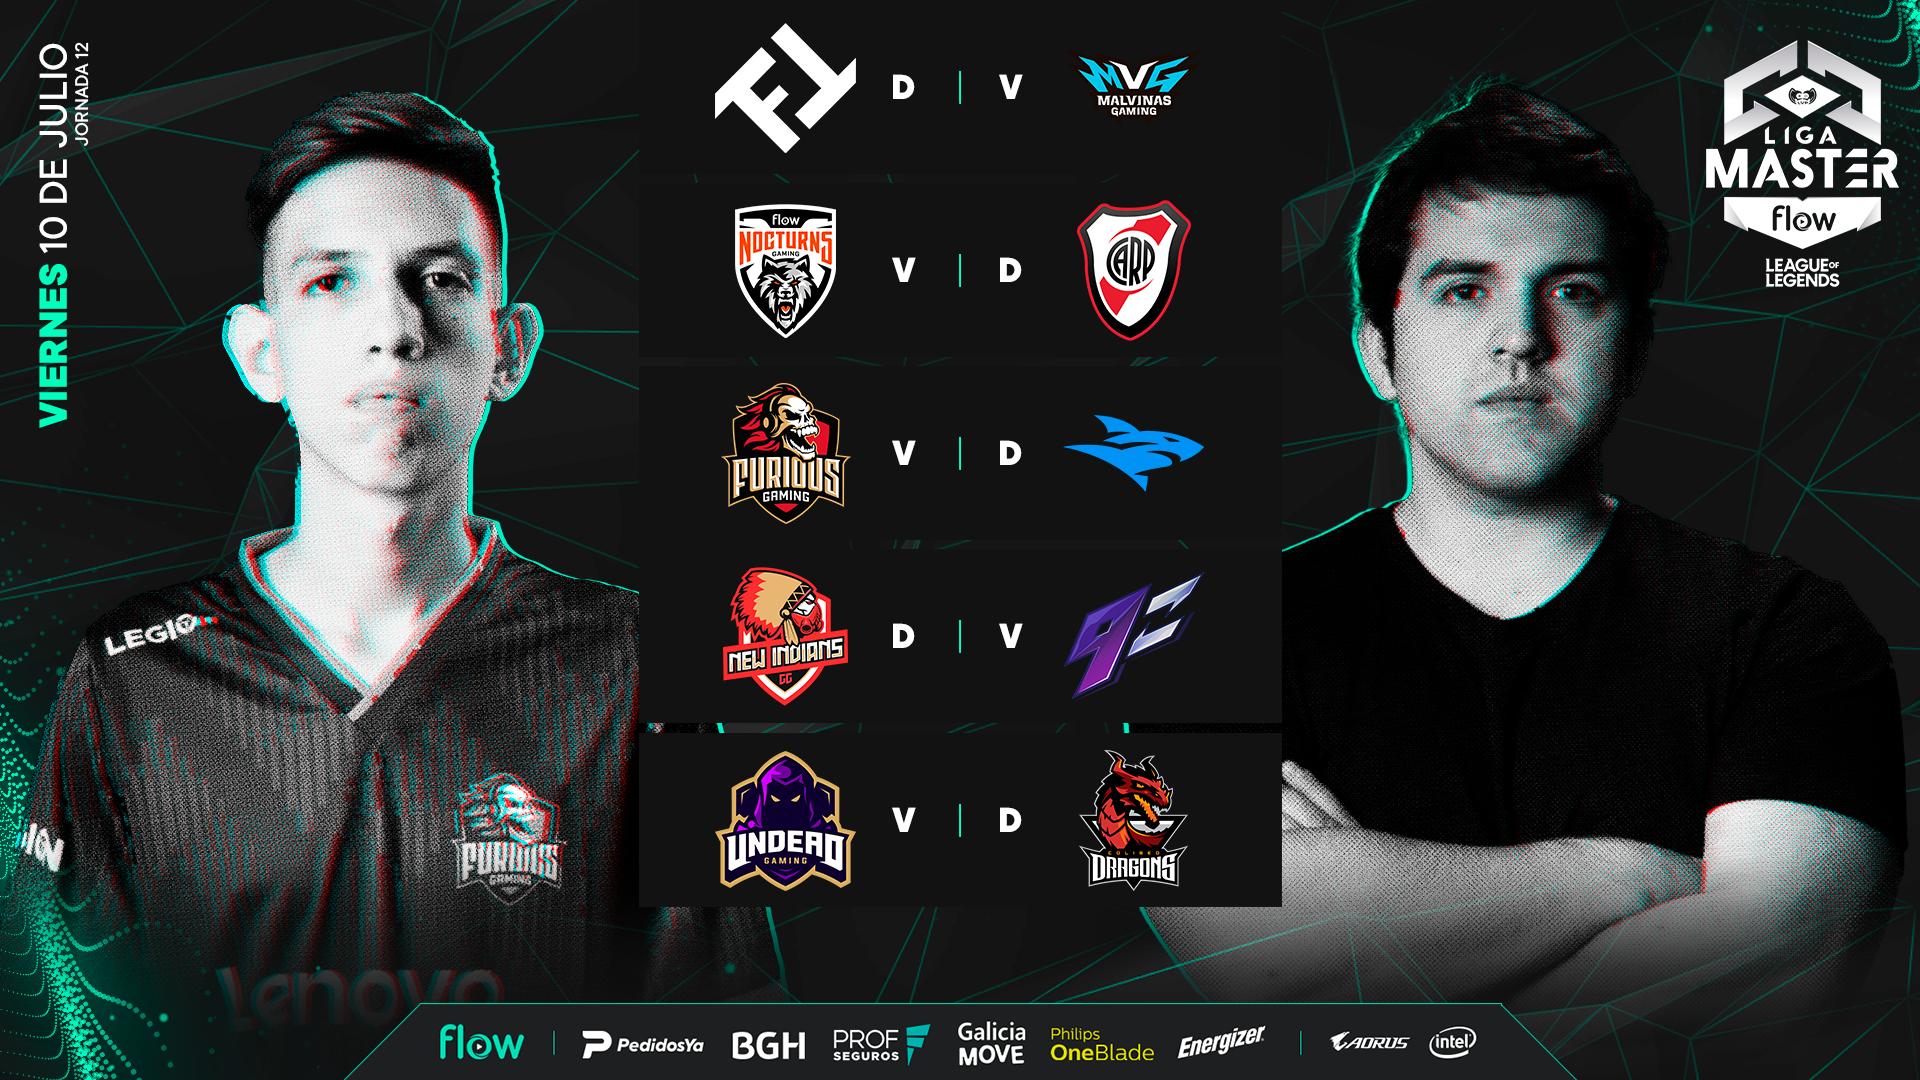 Liga Master Flow, jornada 12: Undead Gaming quiere marcar el camino rumbo a los playoffs